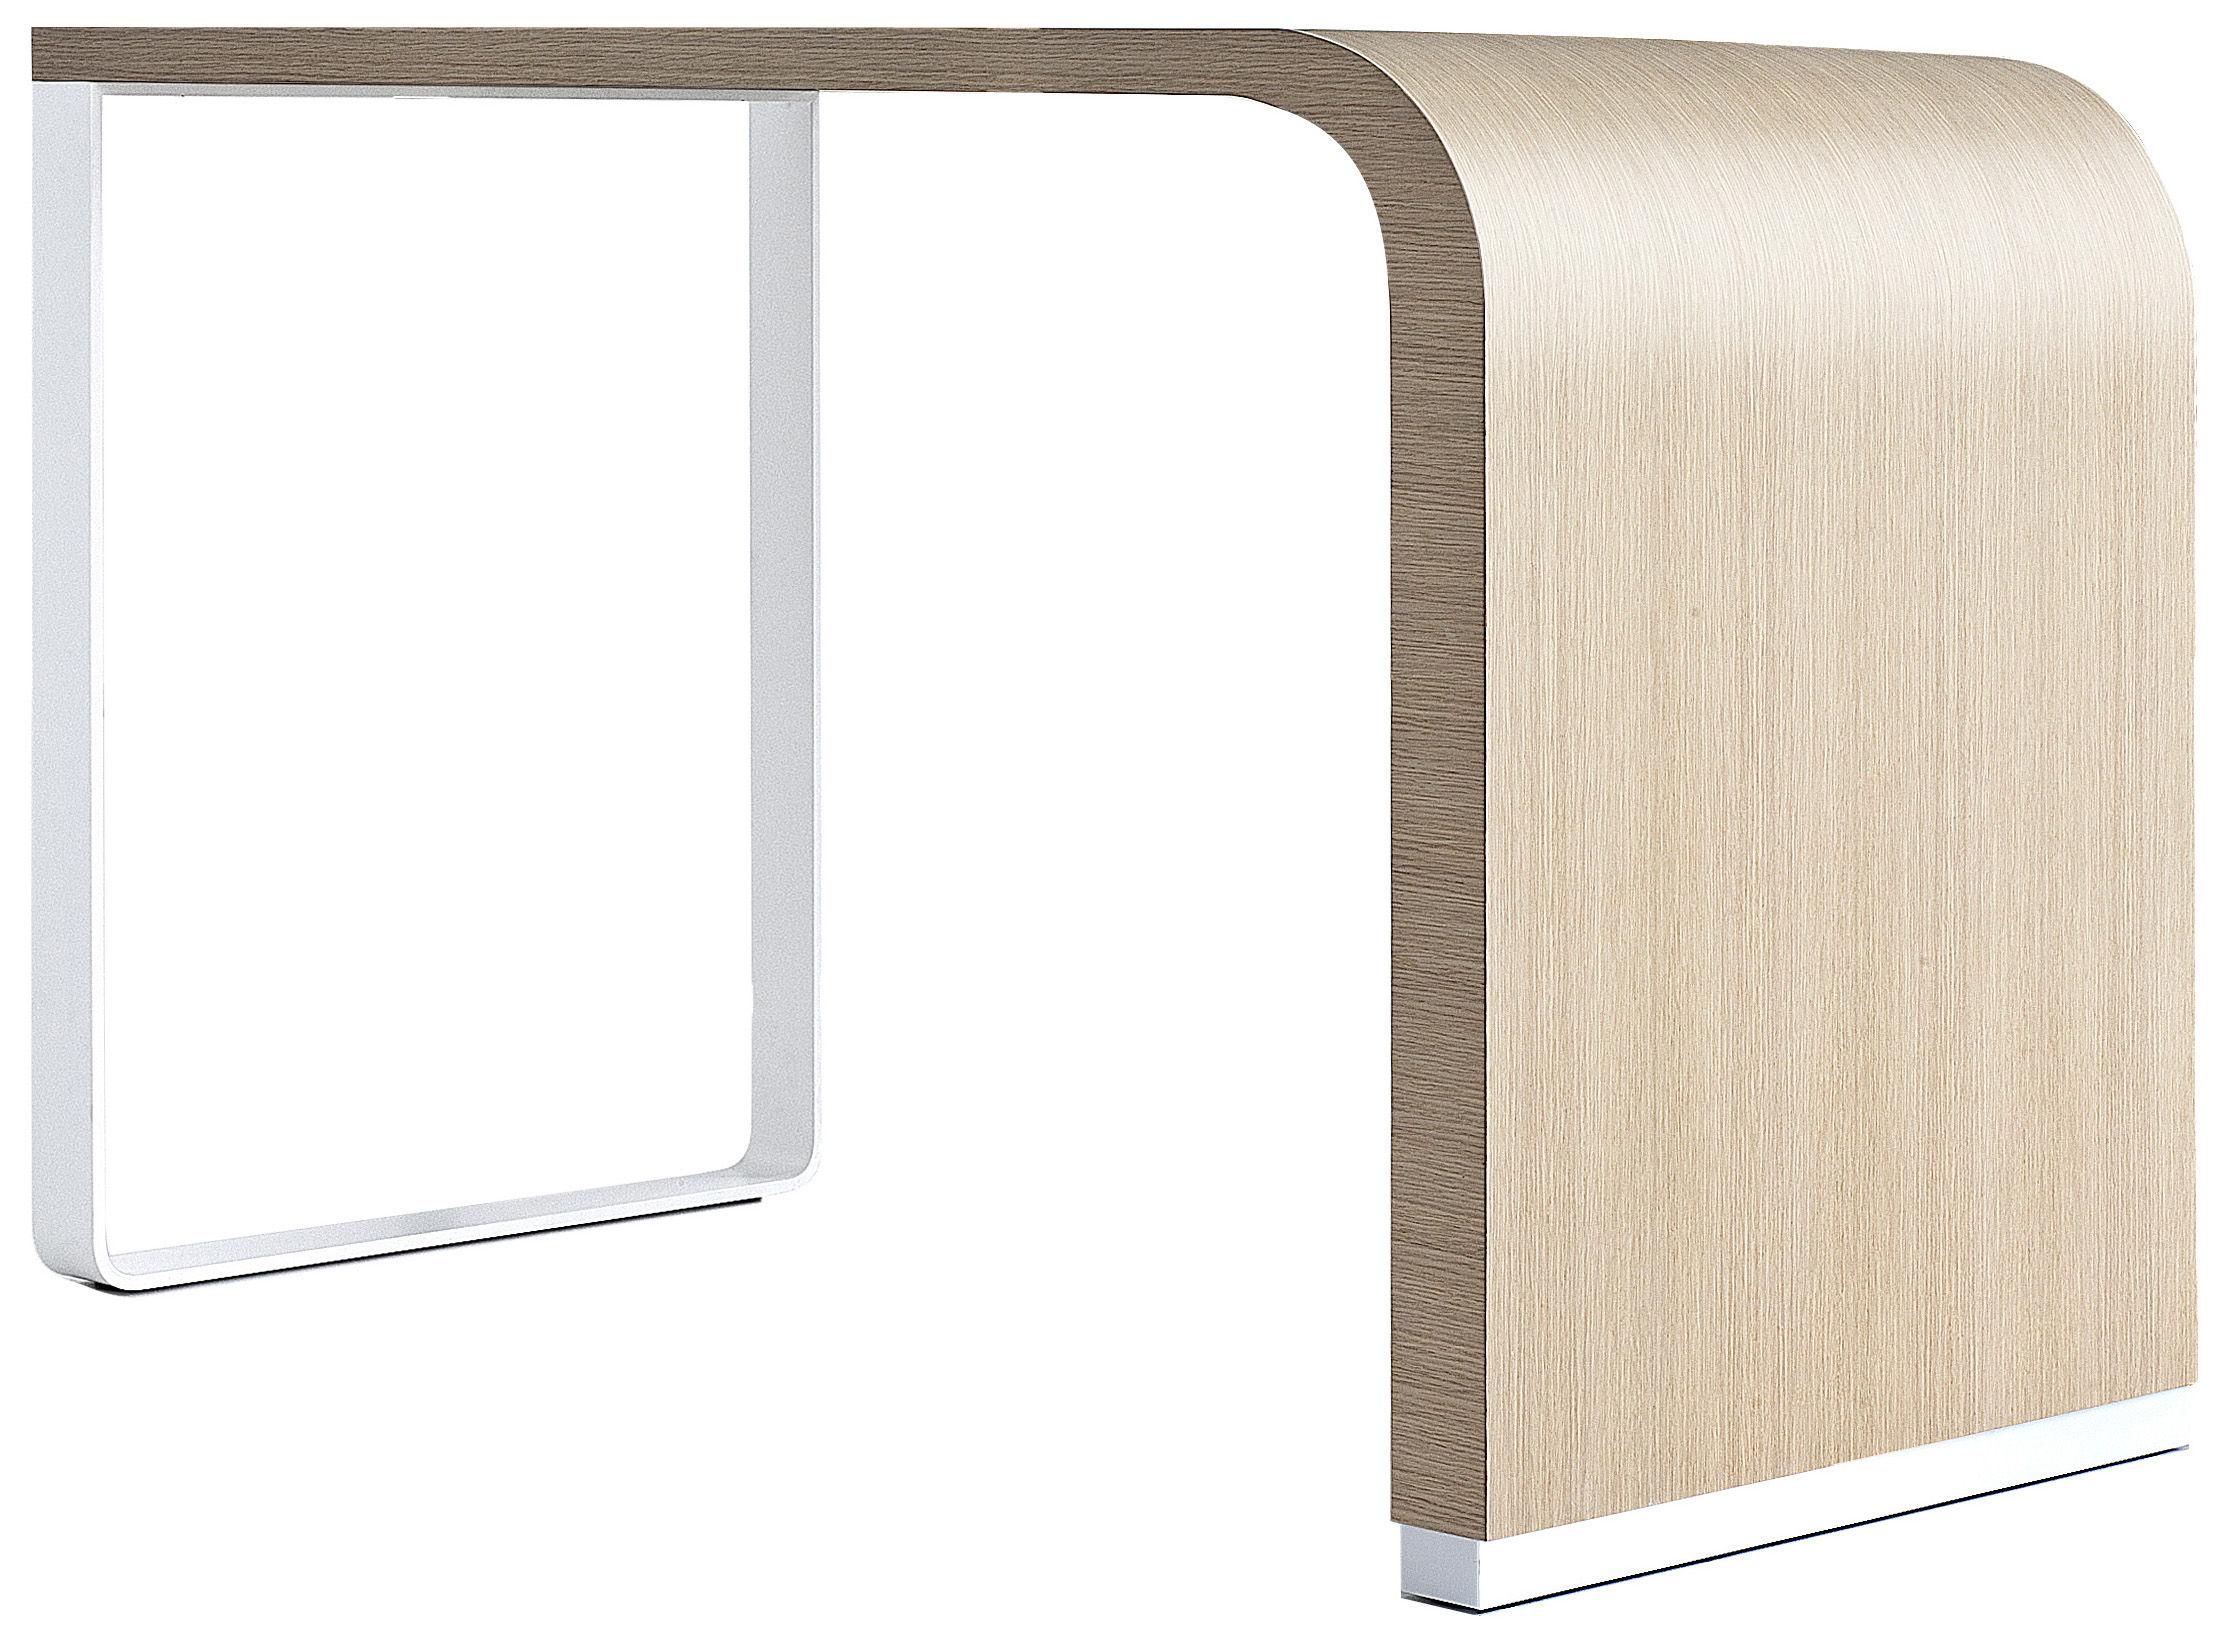 Mobilier - Mange-debout et bars - Mange-debout Brunch / Comptoir - L 140 - H 90 cm - Lapalma - Chêne blanchi / Structure chrome - Aluminium chromé, Contreplaqué de bois